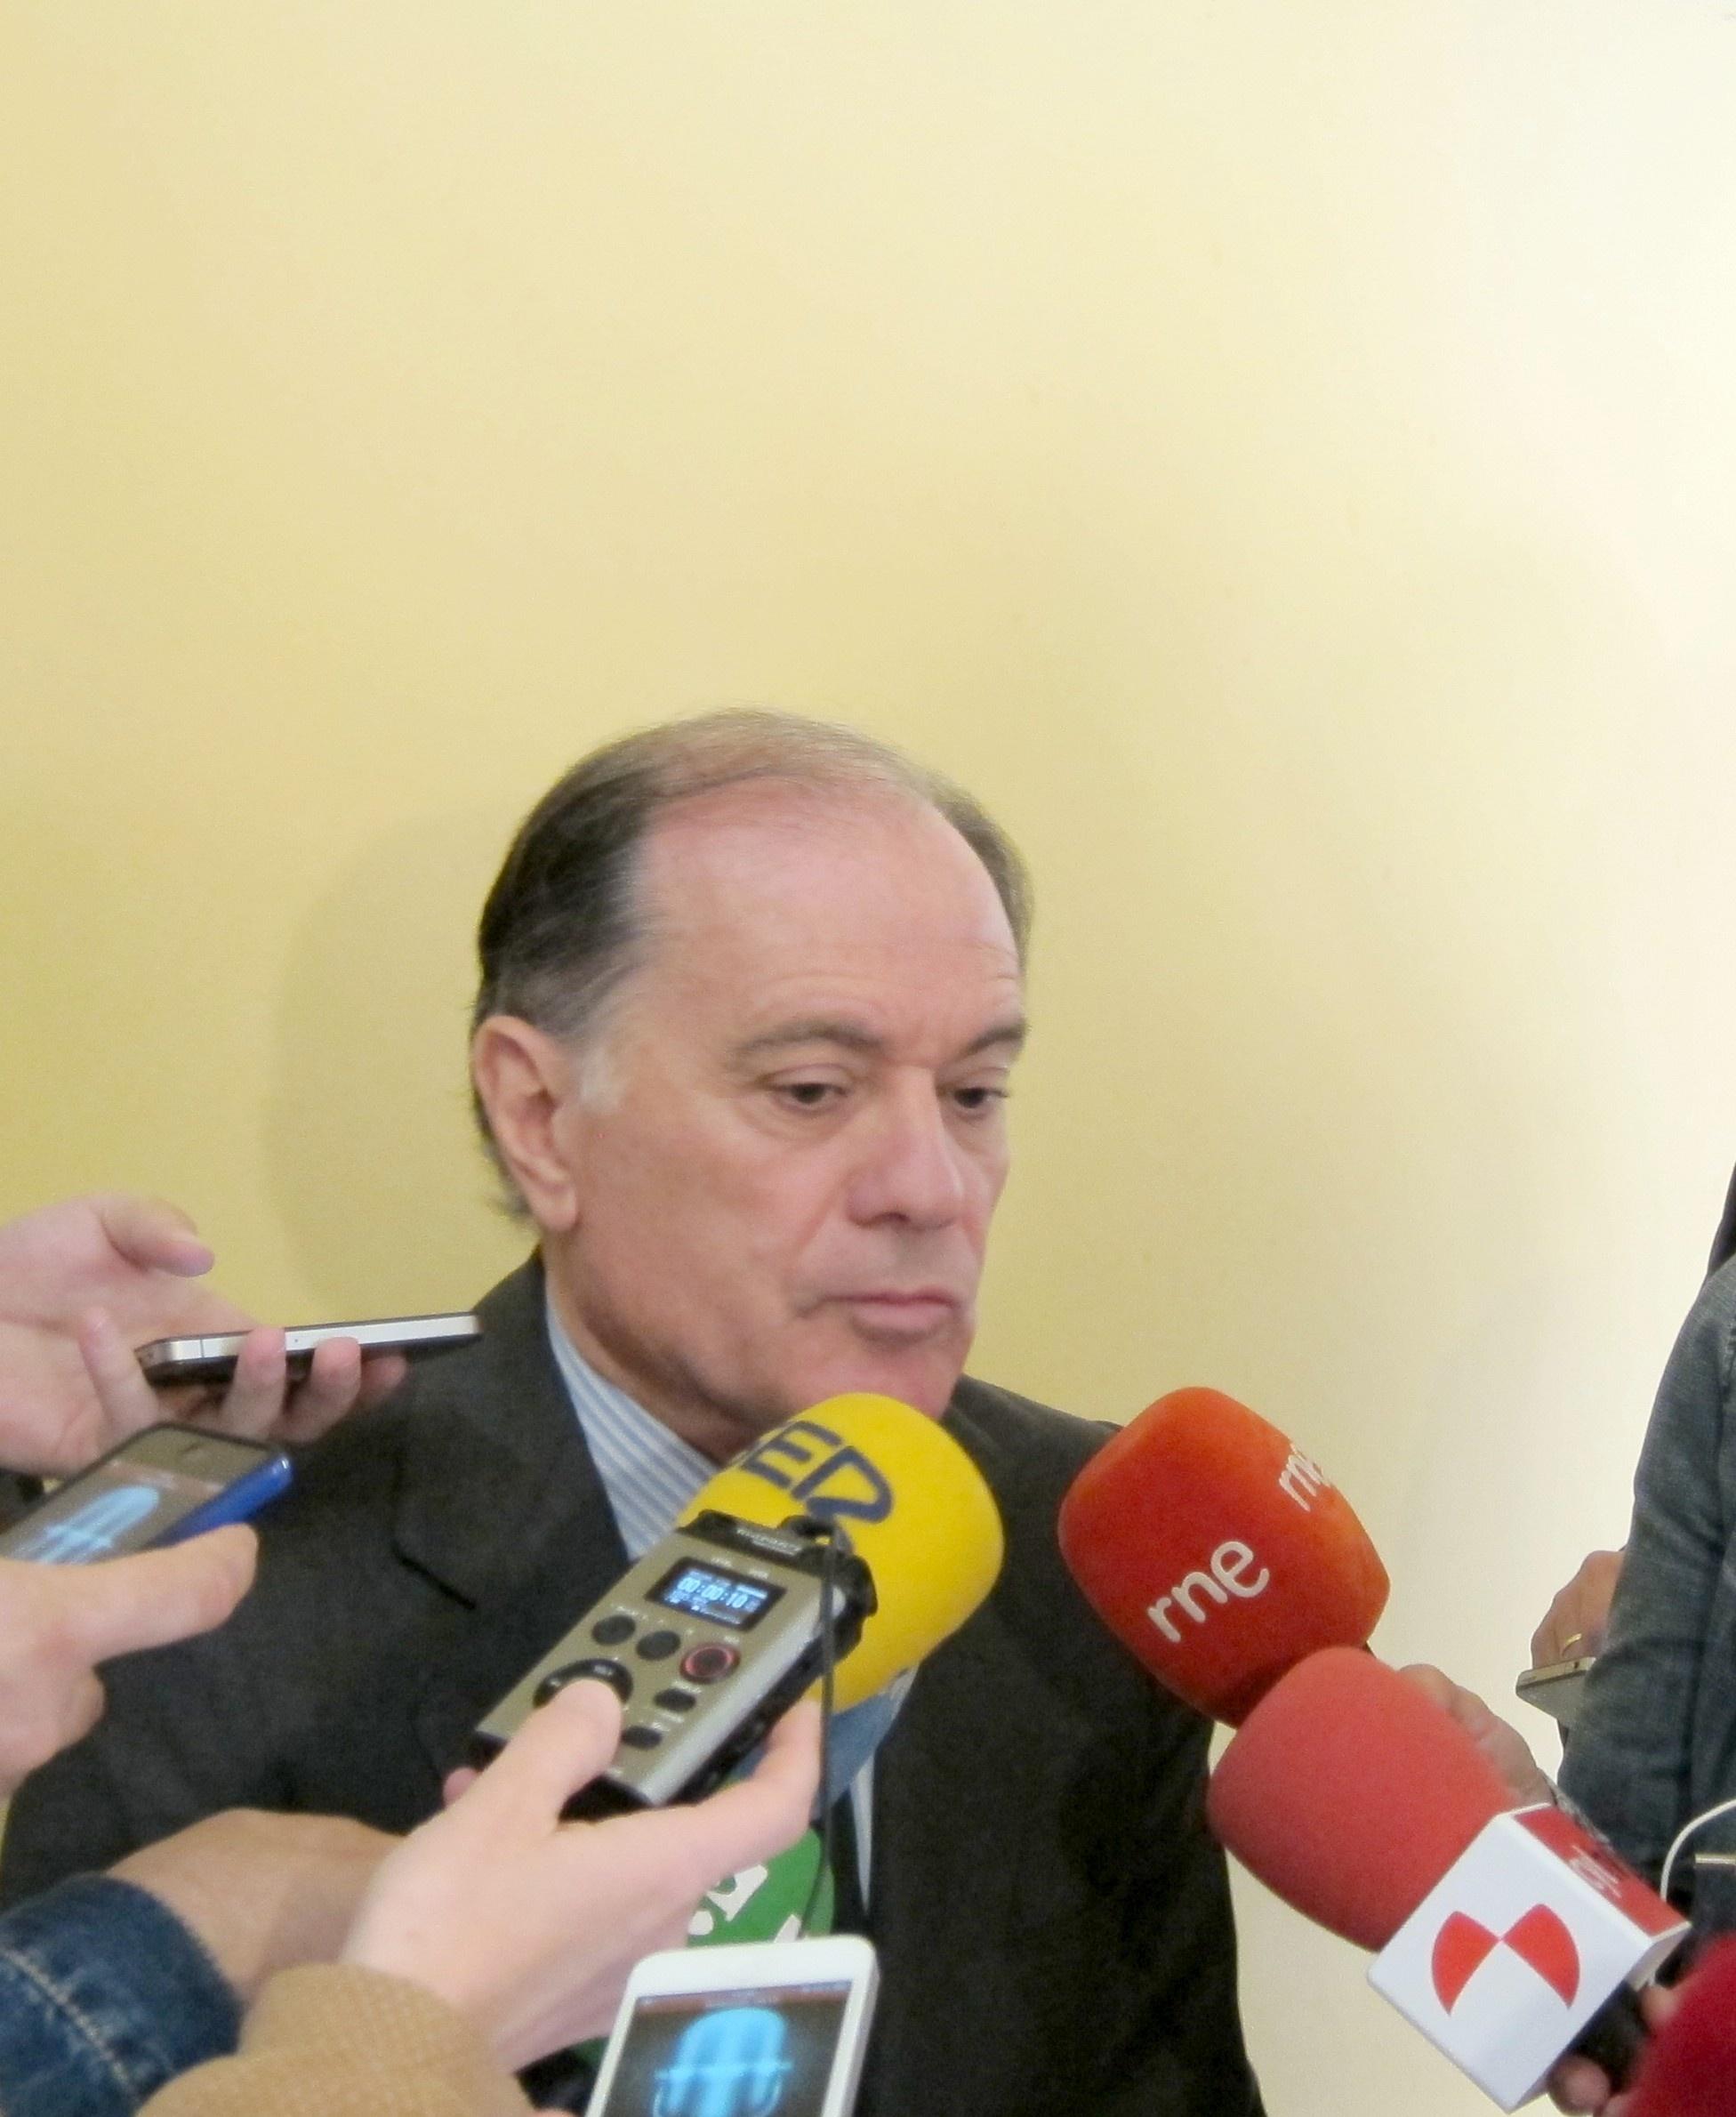 Villanueva da por concluida la unión de Ceiss con Unicaja y cree que nace una entidad «solvente y muy próxima a CyL»